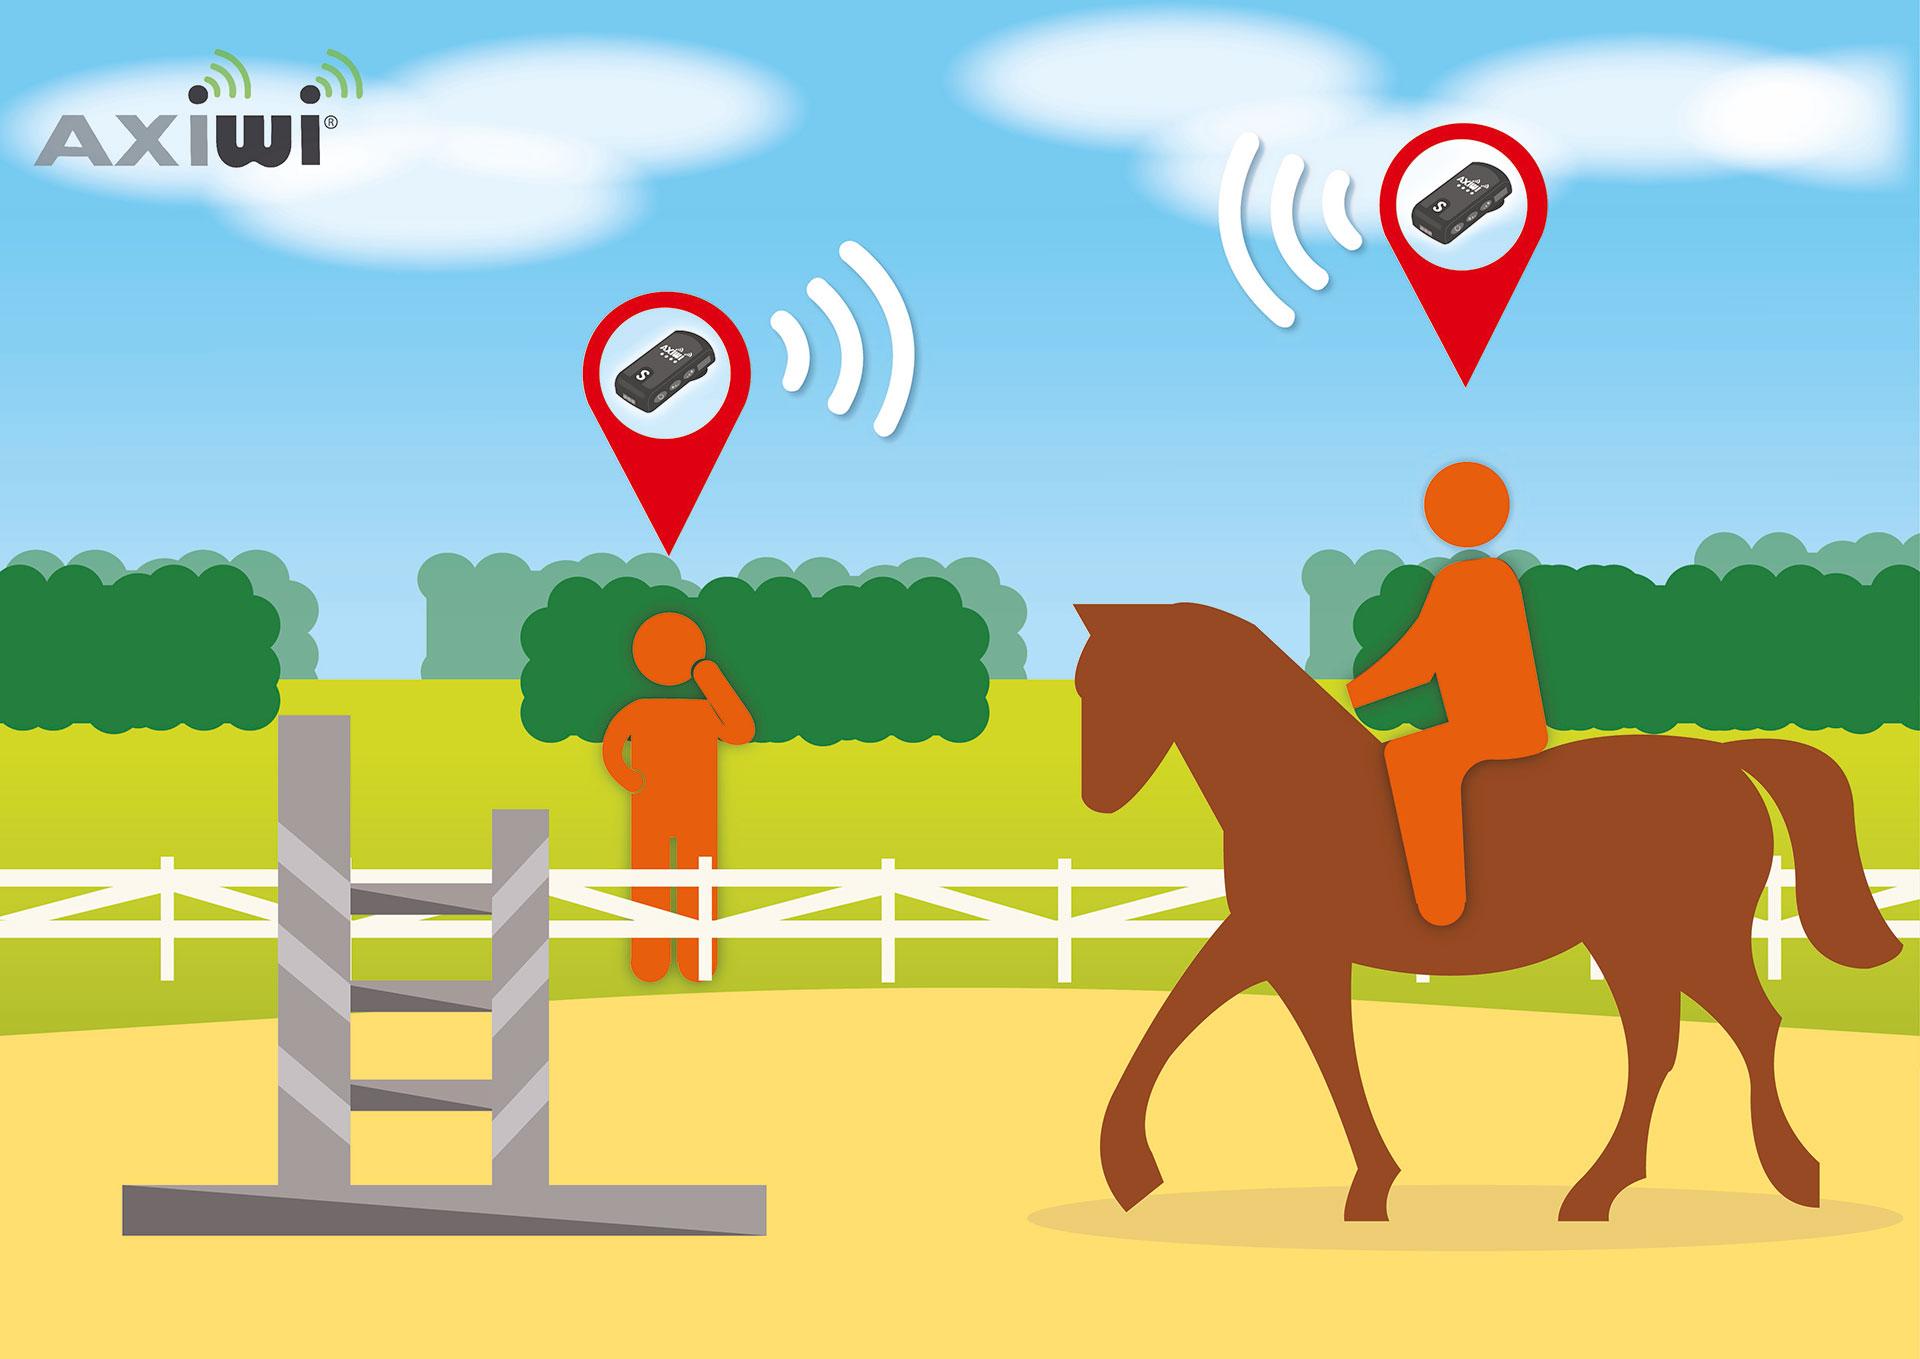 AXIWI Kommunikationssysteme